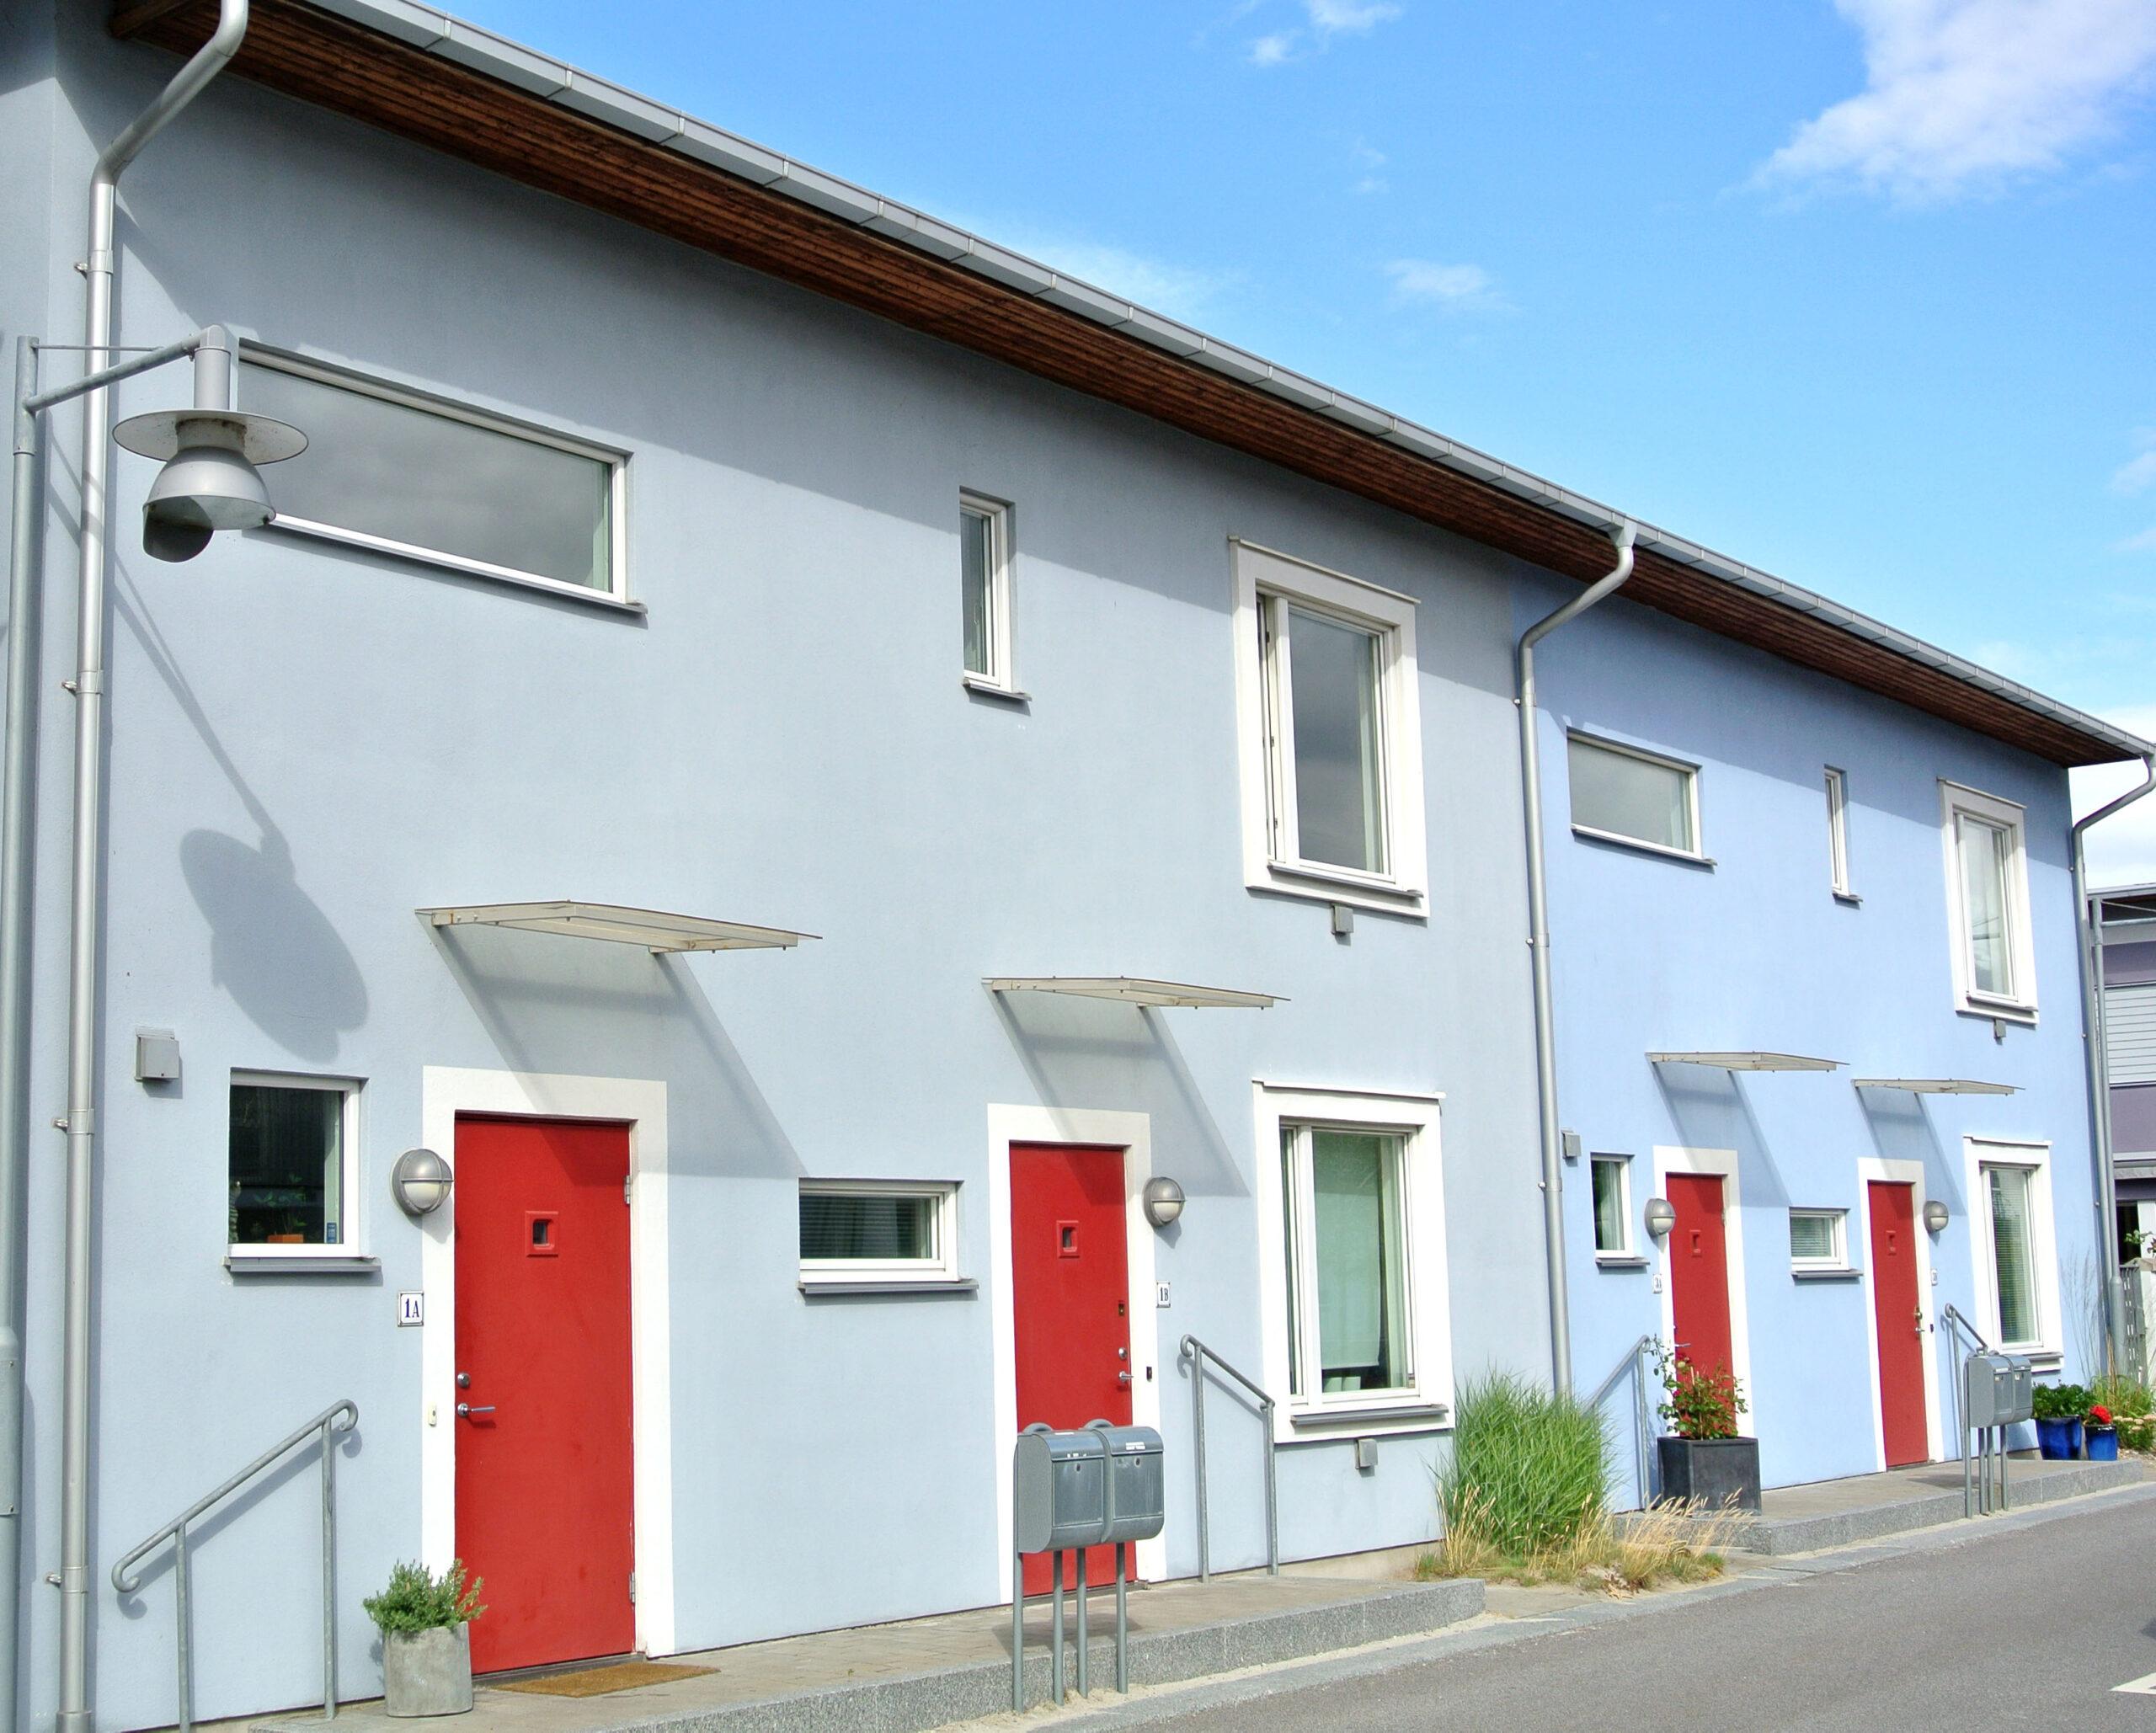 Faqtum fastighetsutveckling